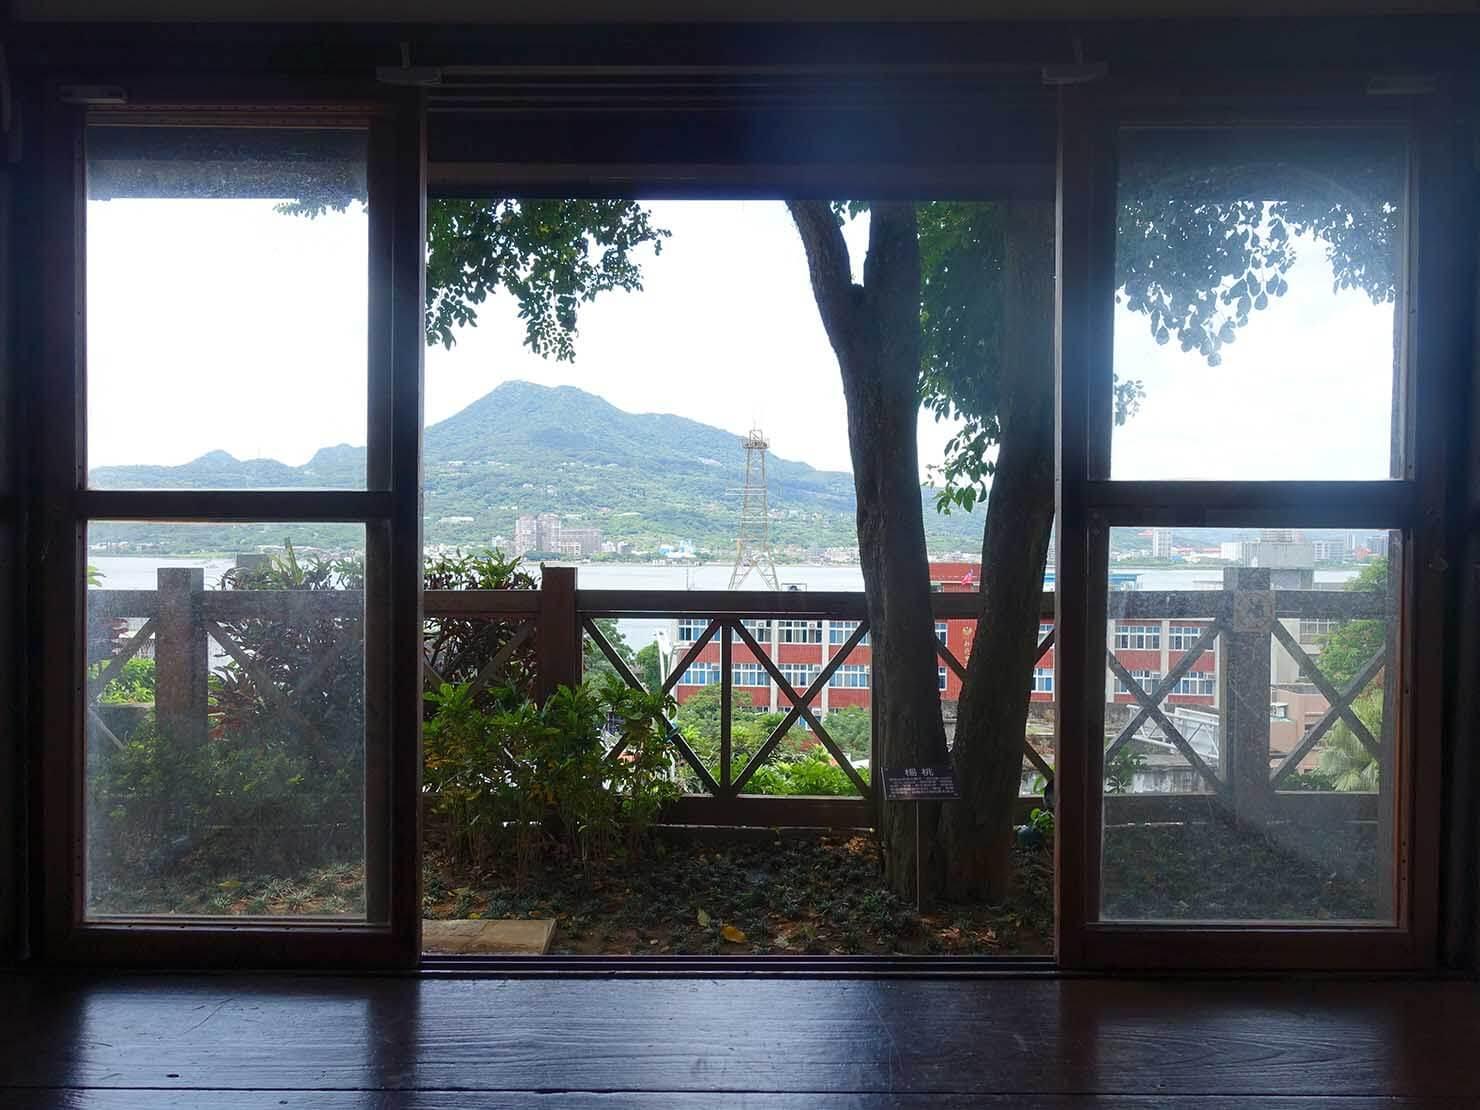 台北・淡水のおすすスポット「多田榮吉故居」から眺める淡水河